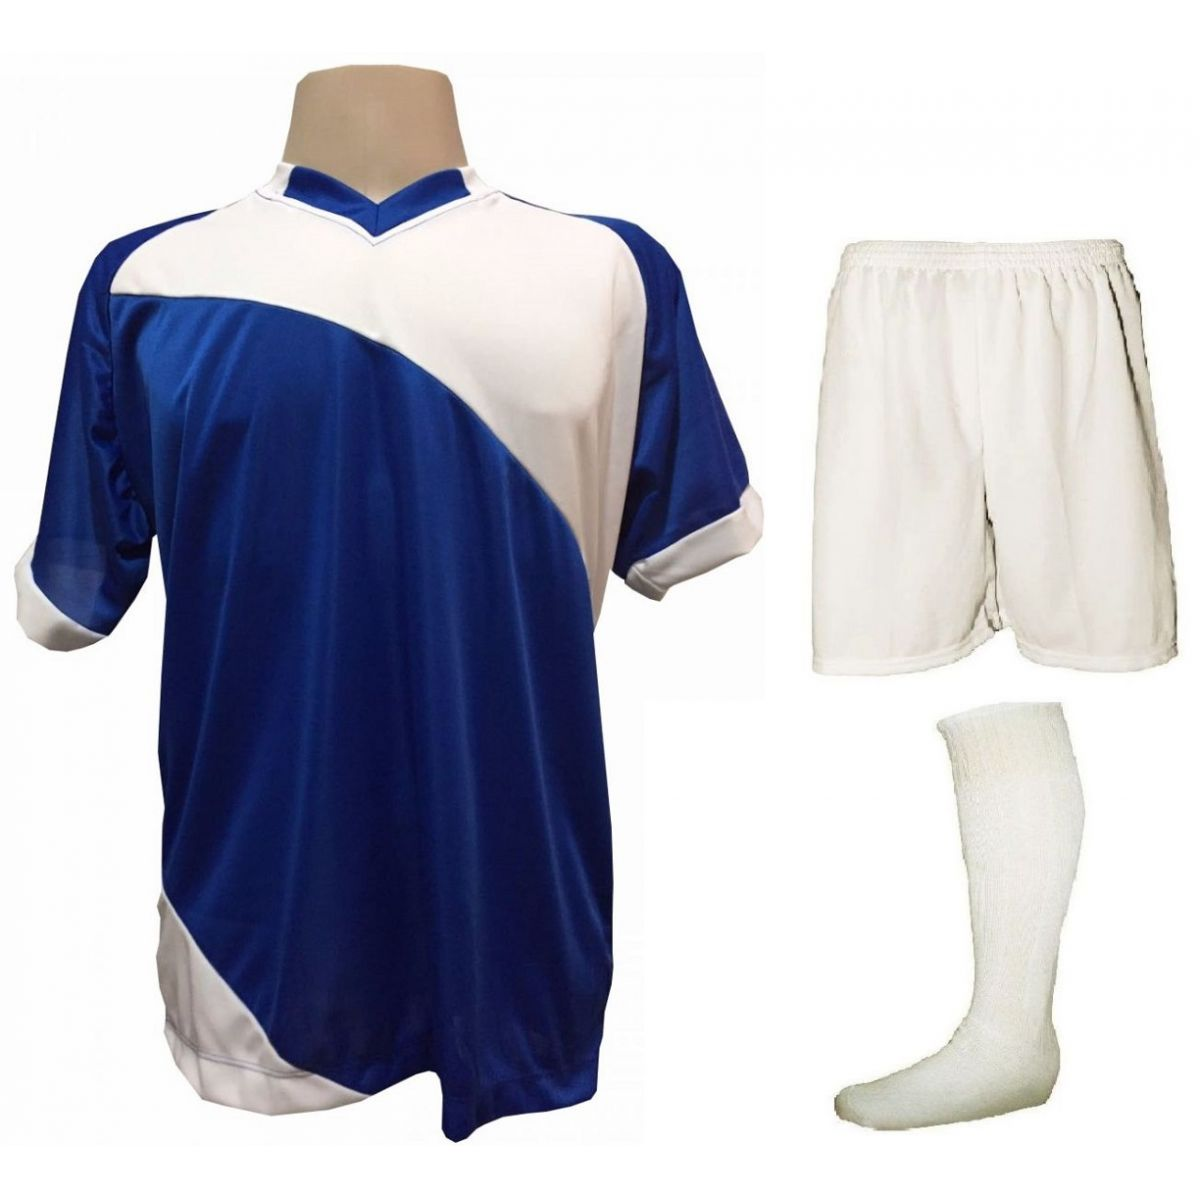 Fardamento Completo modelo Bélgica 20+1 (20 camisas Royal/Branco + 20 calções modelo Madrid Branco + 20 pares de meiões Branco + 1 conjunto de goleiro) + Brindes